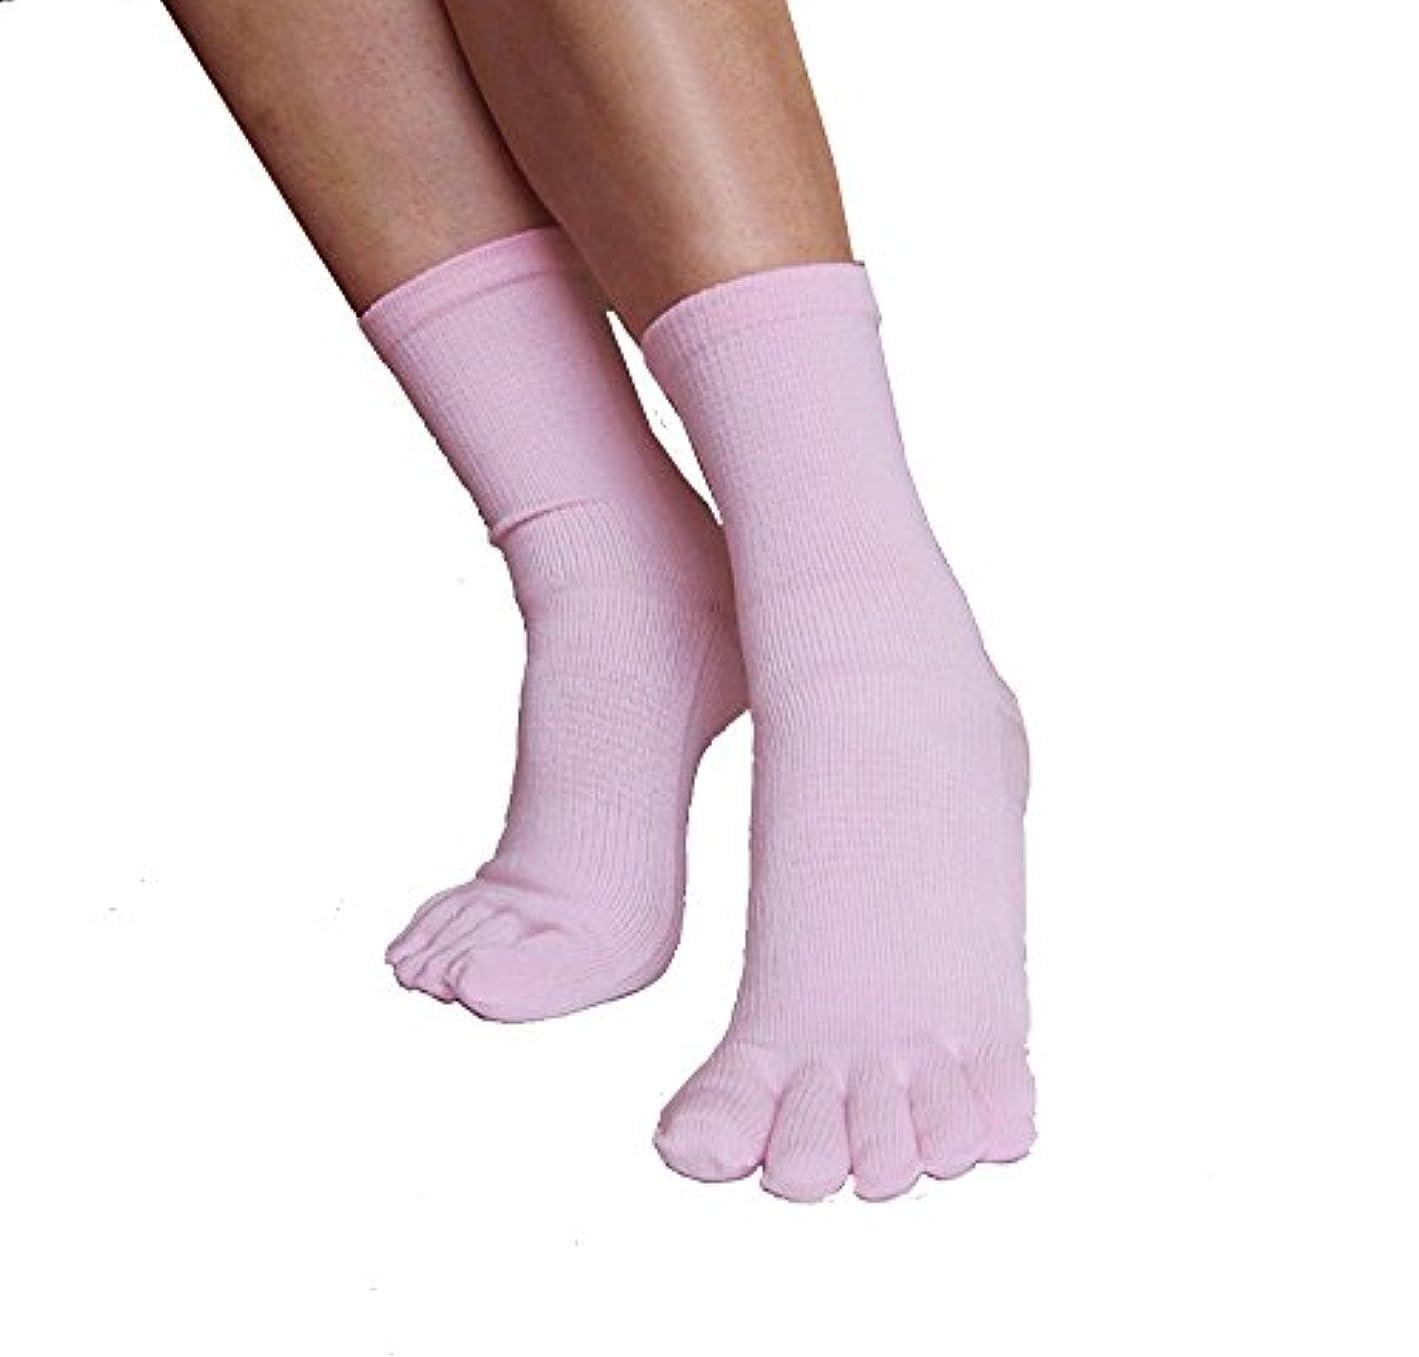 増強ブランチ慣れている外反母趾対策 5本指靴下 綿タイプ ピンク